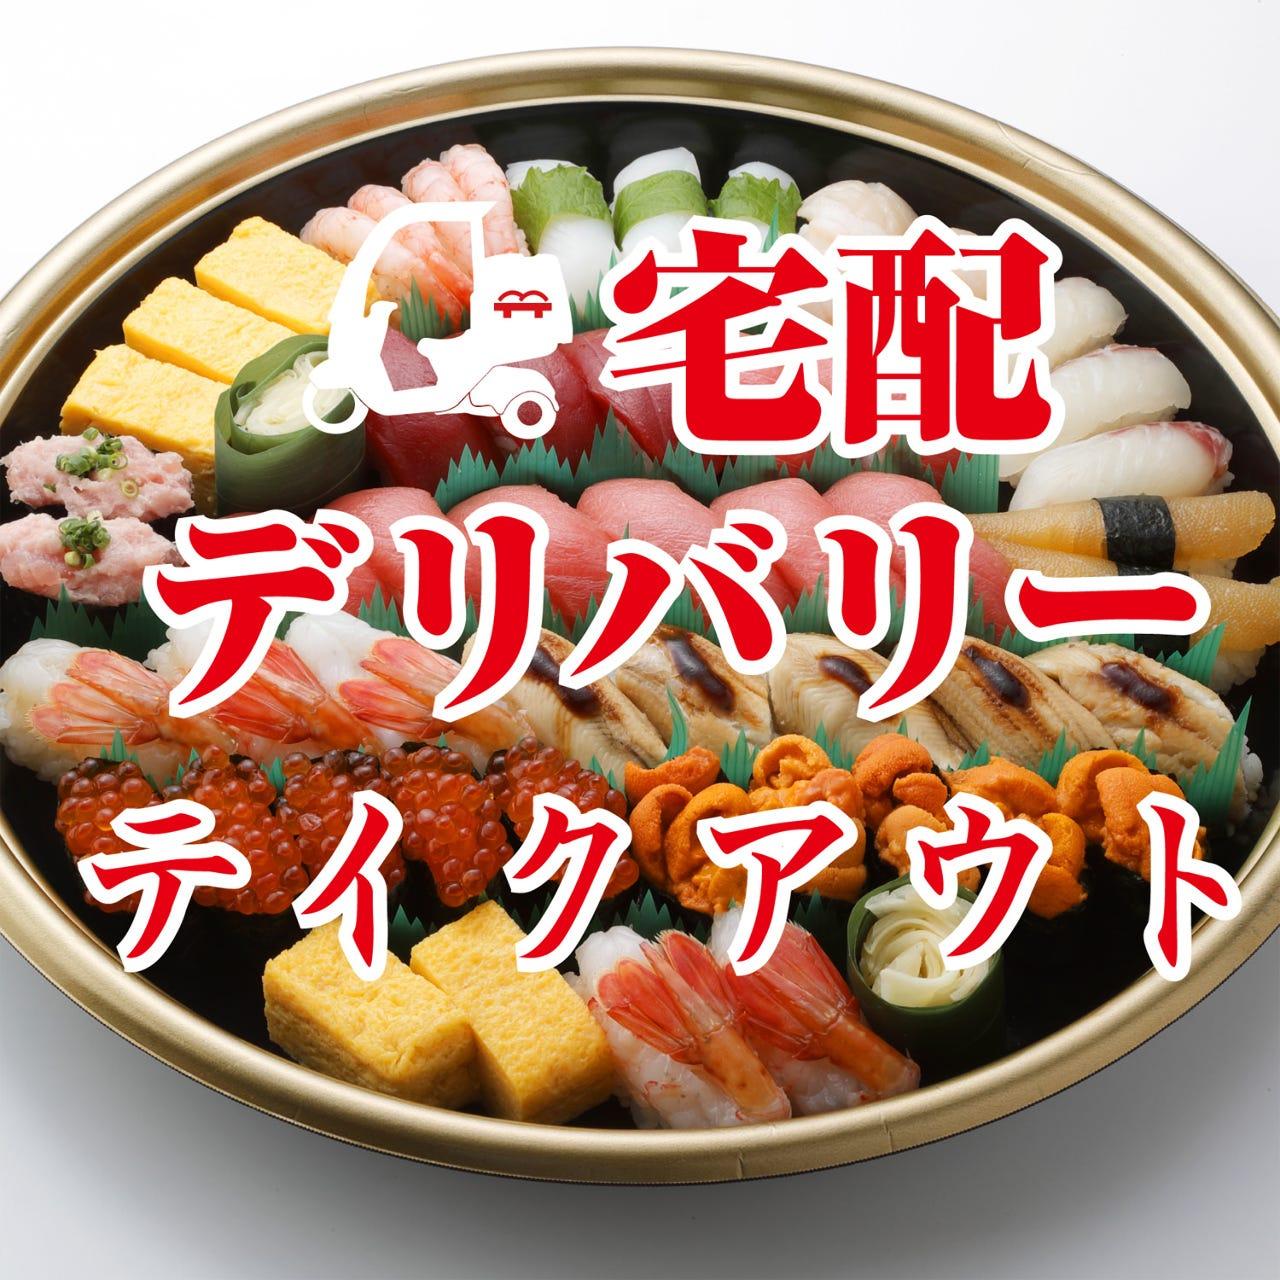 職人がにぎる宅配・お持ち帰り寿司